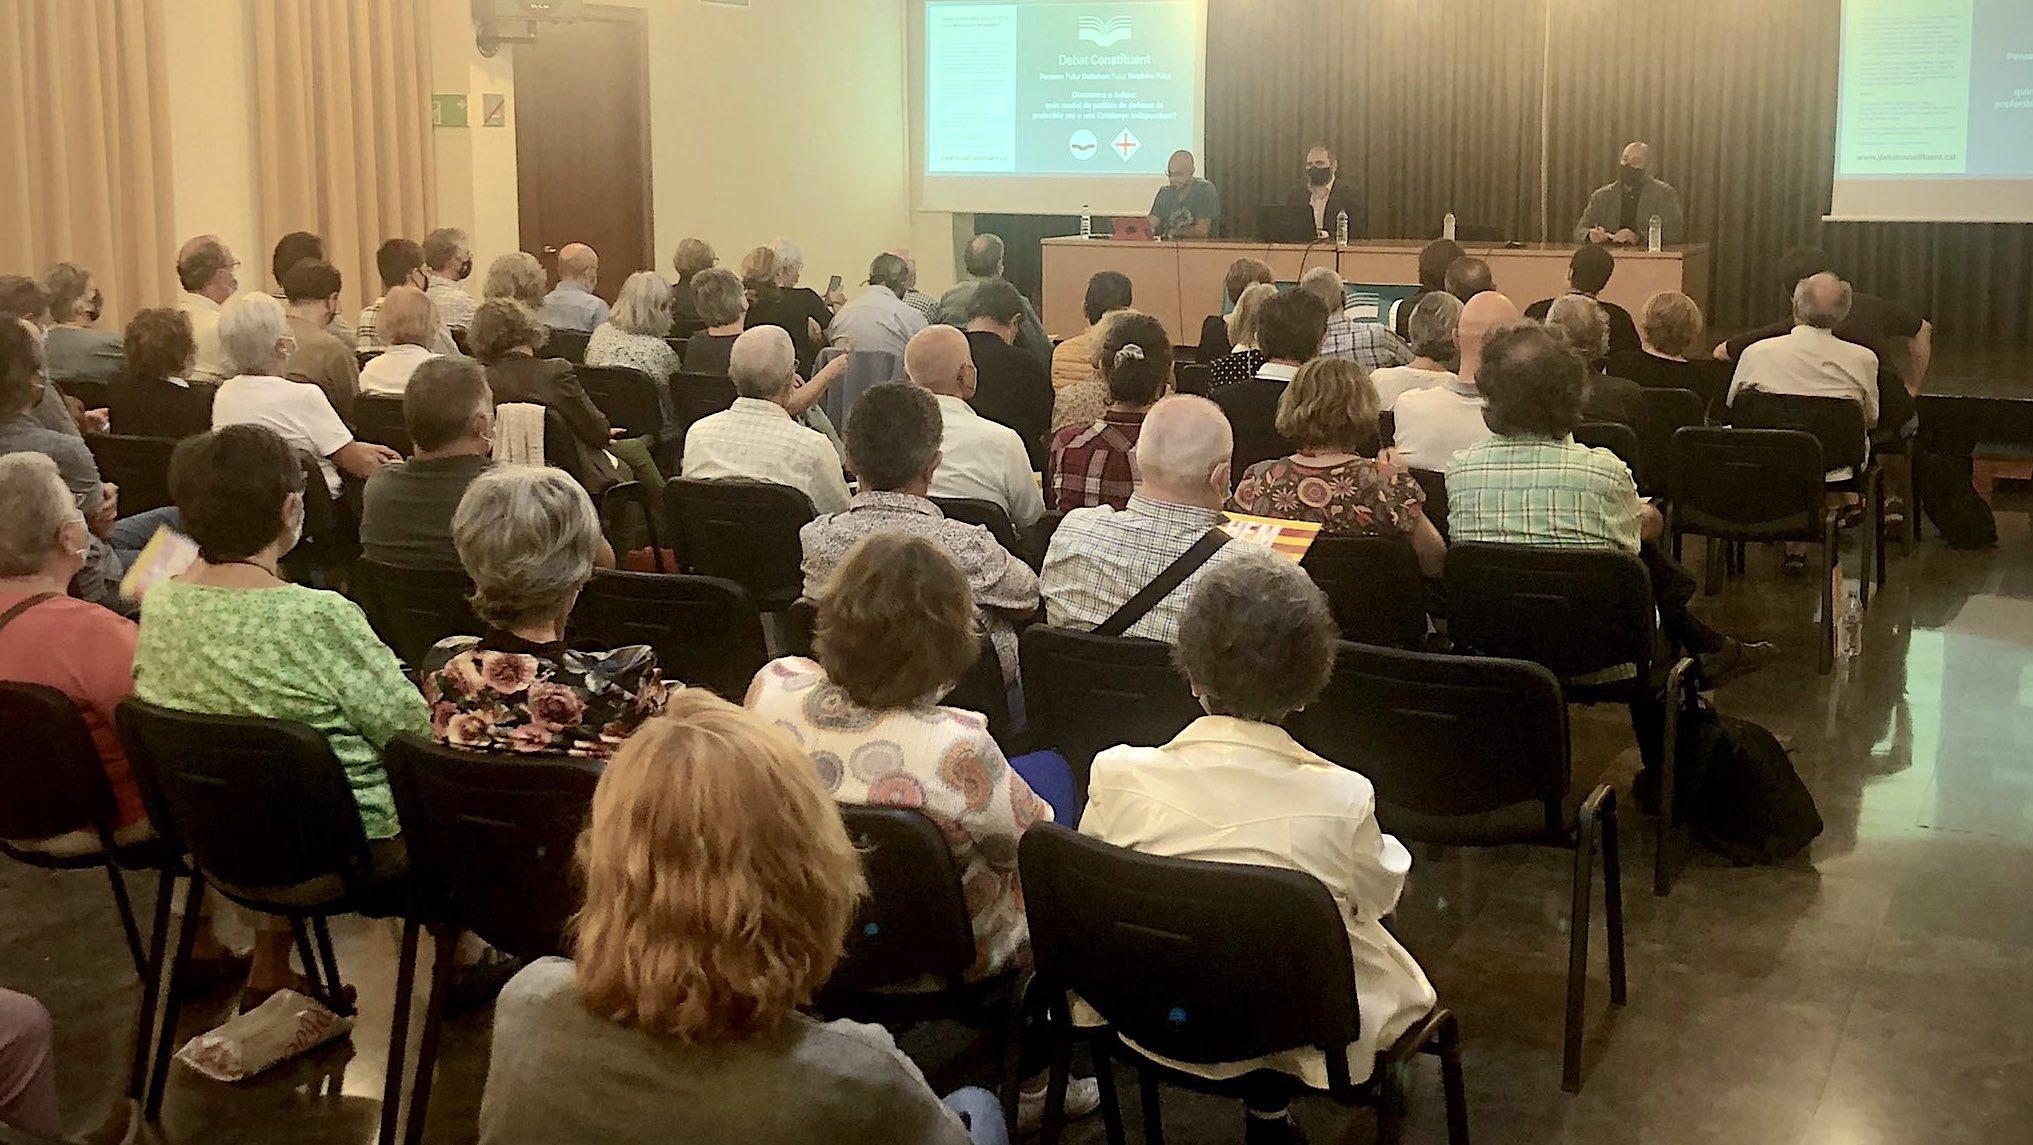 El debat sobre el model militar que hauria d'adoptar una Catalunya independent, organitzat per Debat Constituent a Sabadell / Q.S.